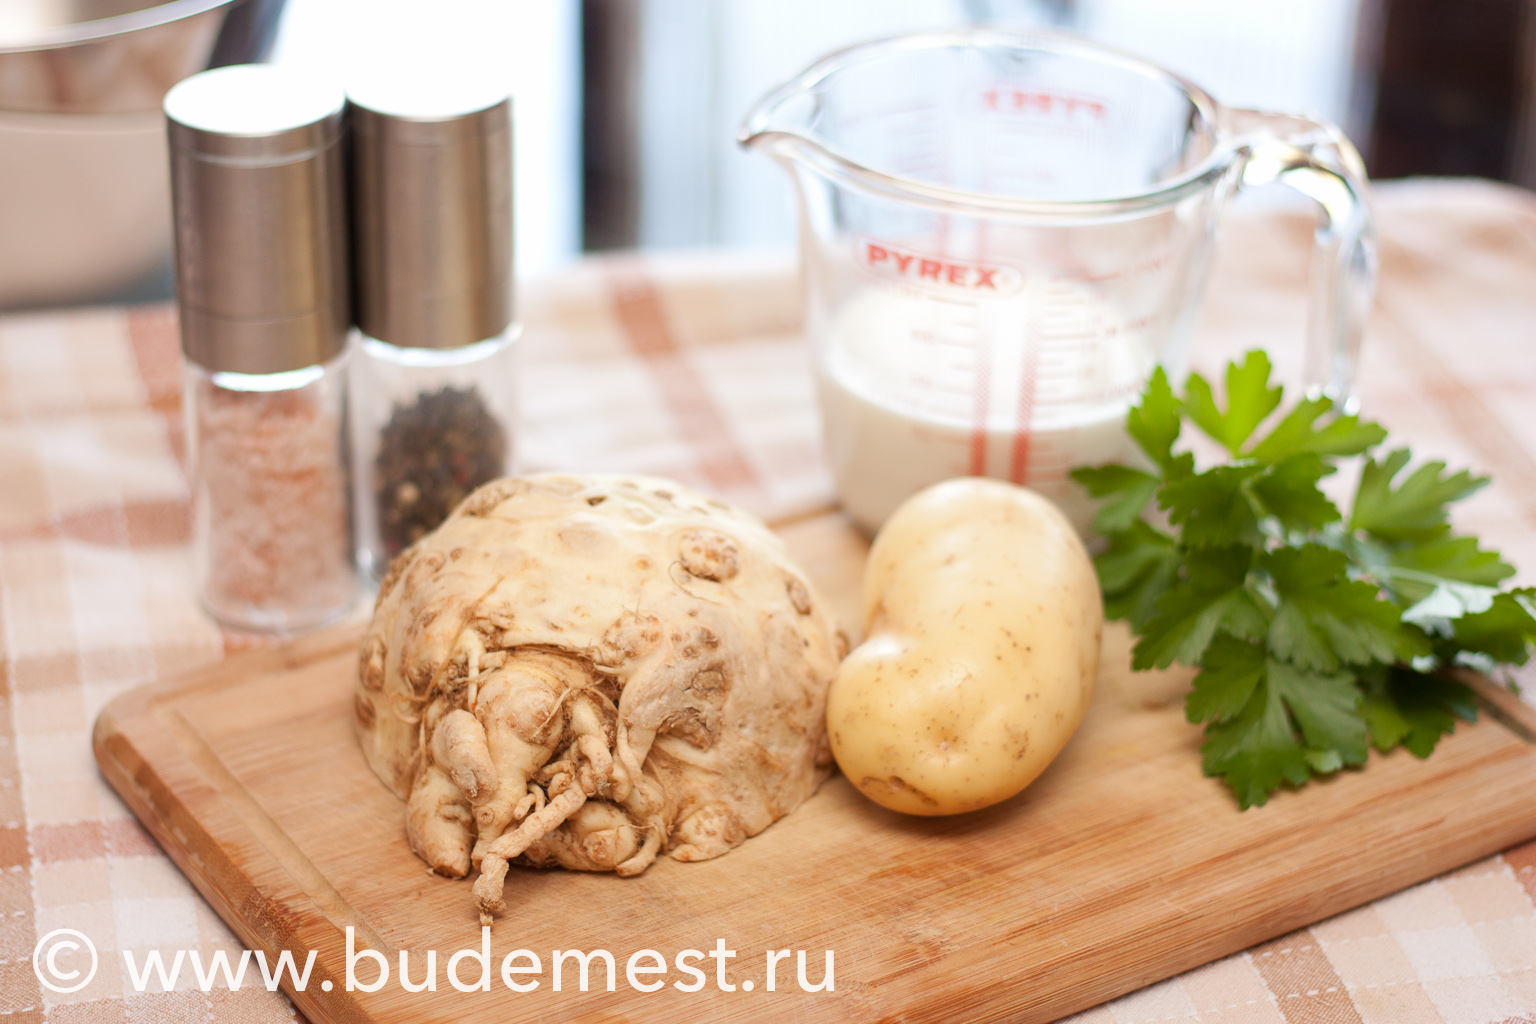 Ингредиенты для приготовления крем-супа из корня сельдерея и картофеля